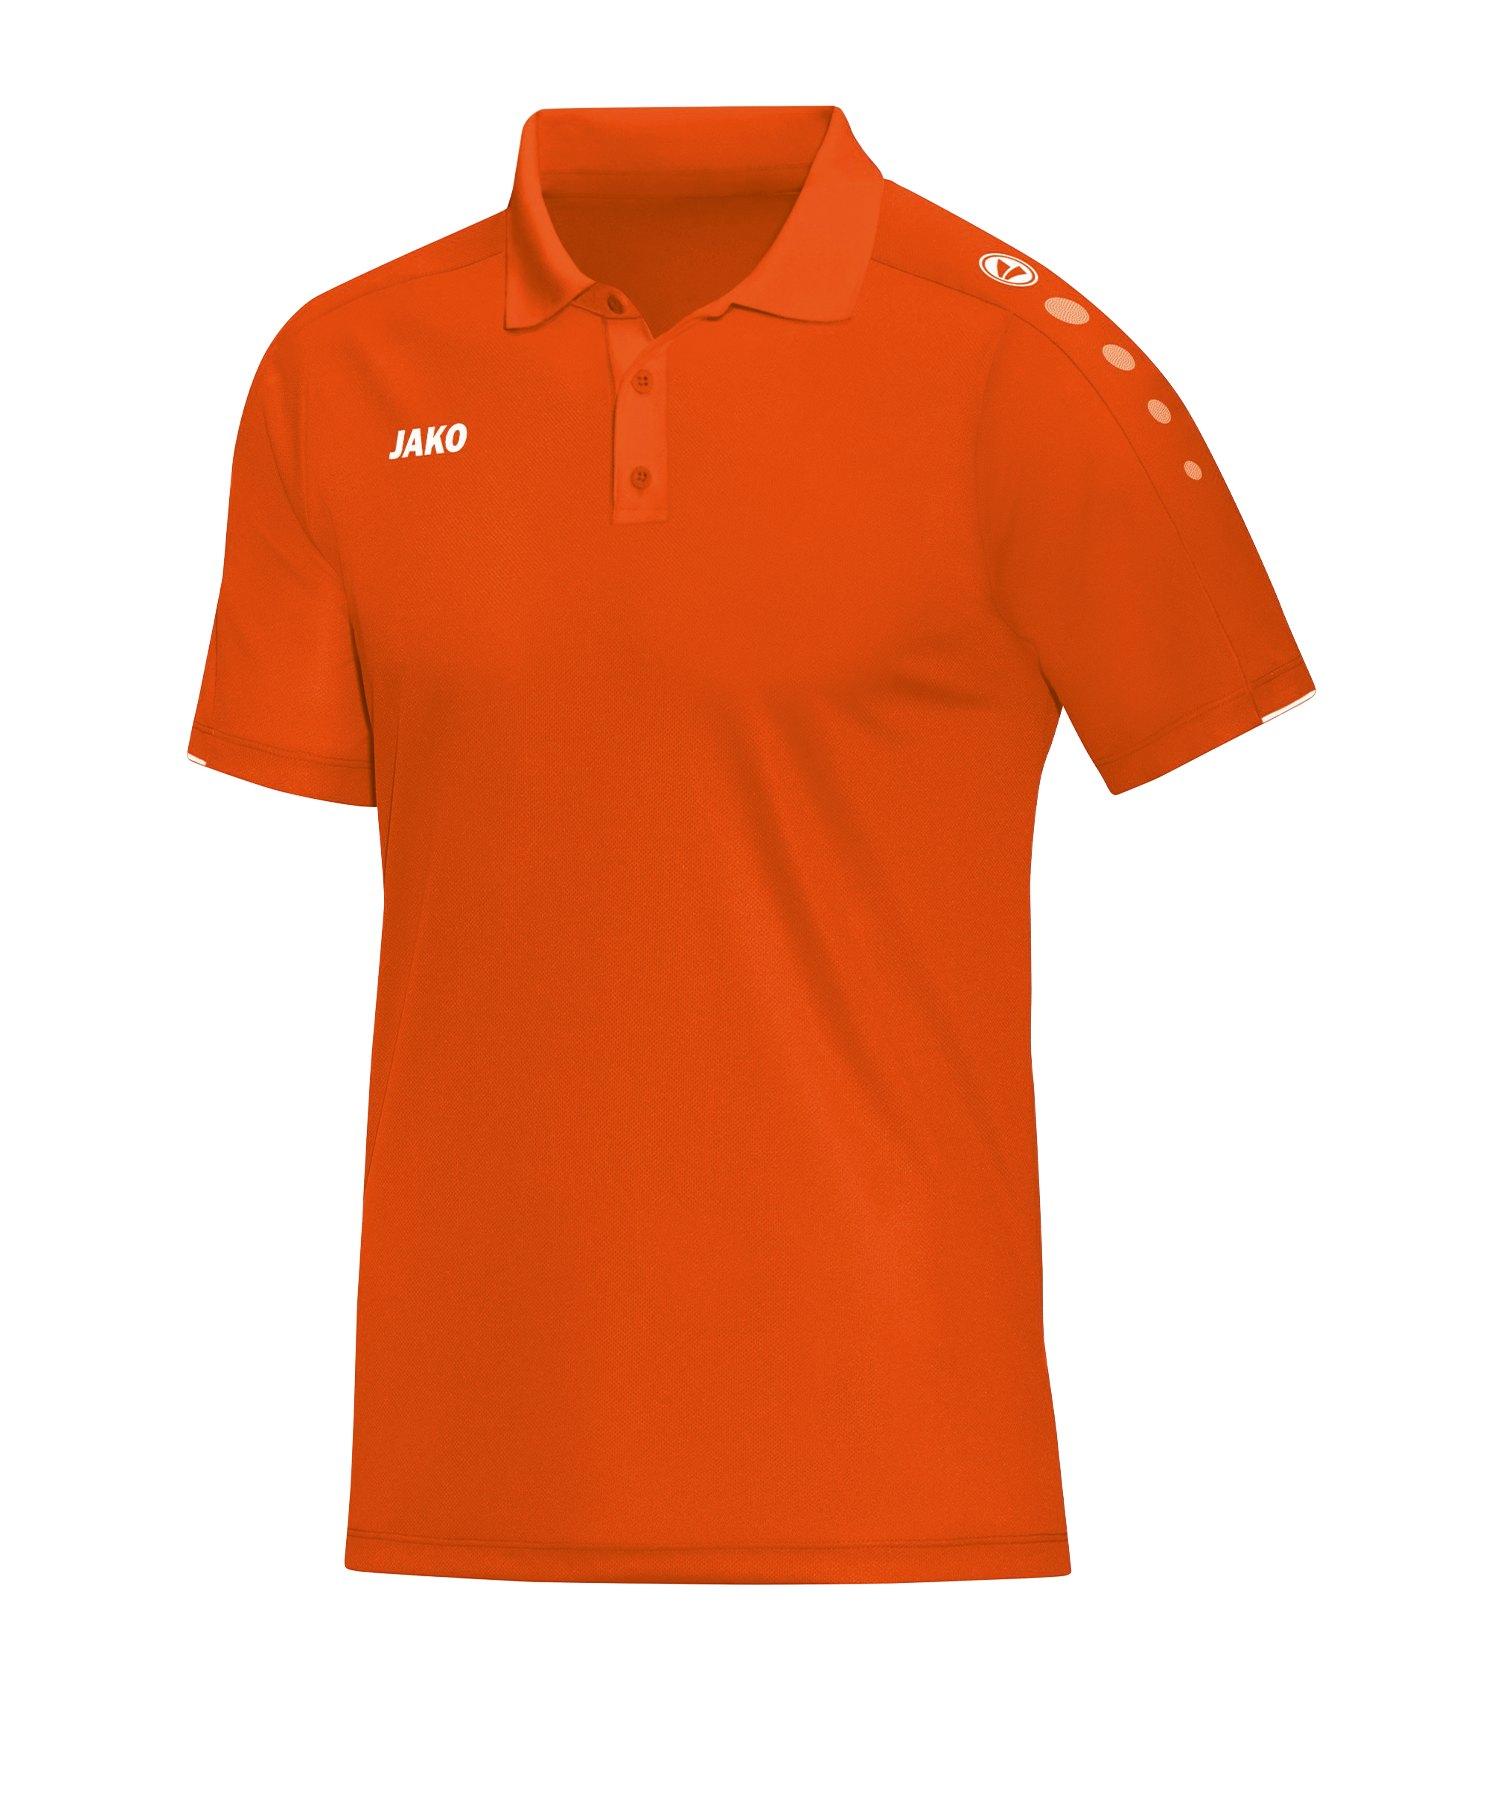 Jako Classico Poloshirt Orange F19 - Orange